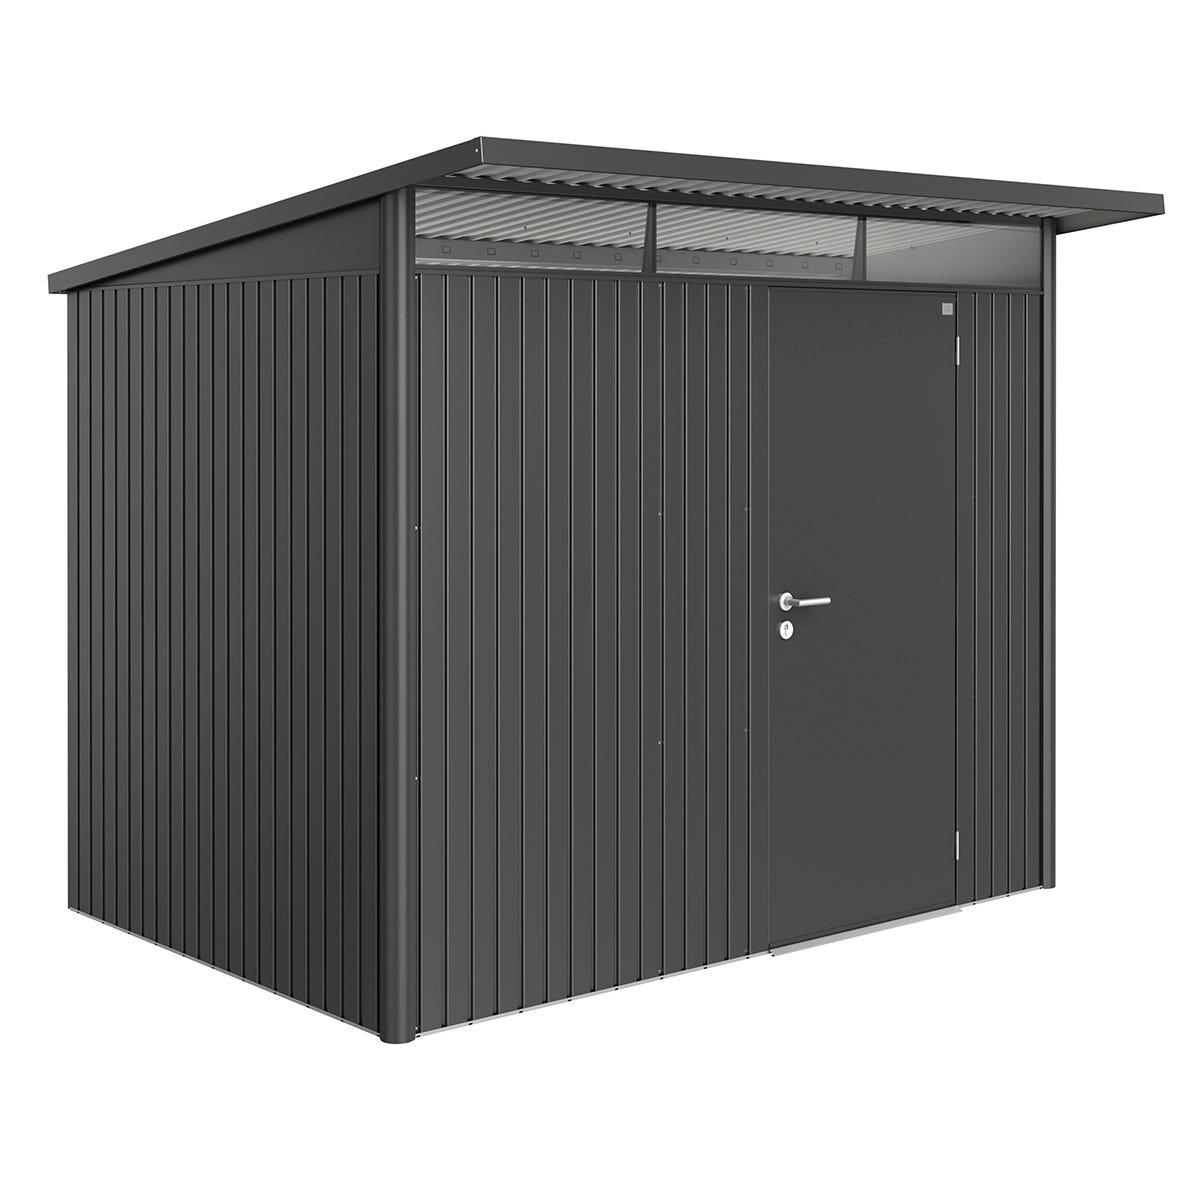 Biohort AvantGarde Metal Shed A5 Standard door 8' 5'' x 7' 2'' - Dark Grey